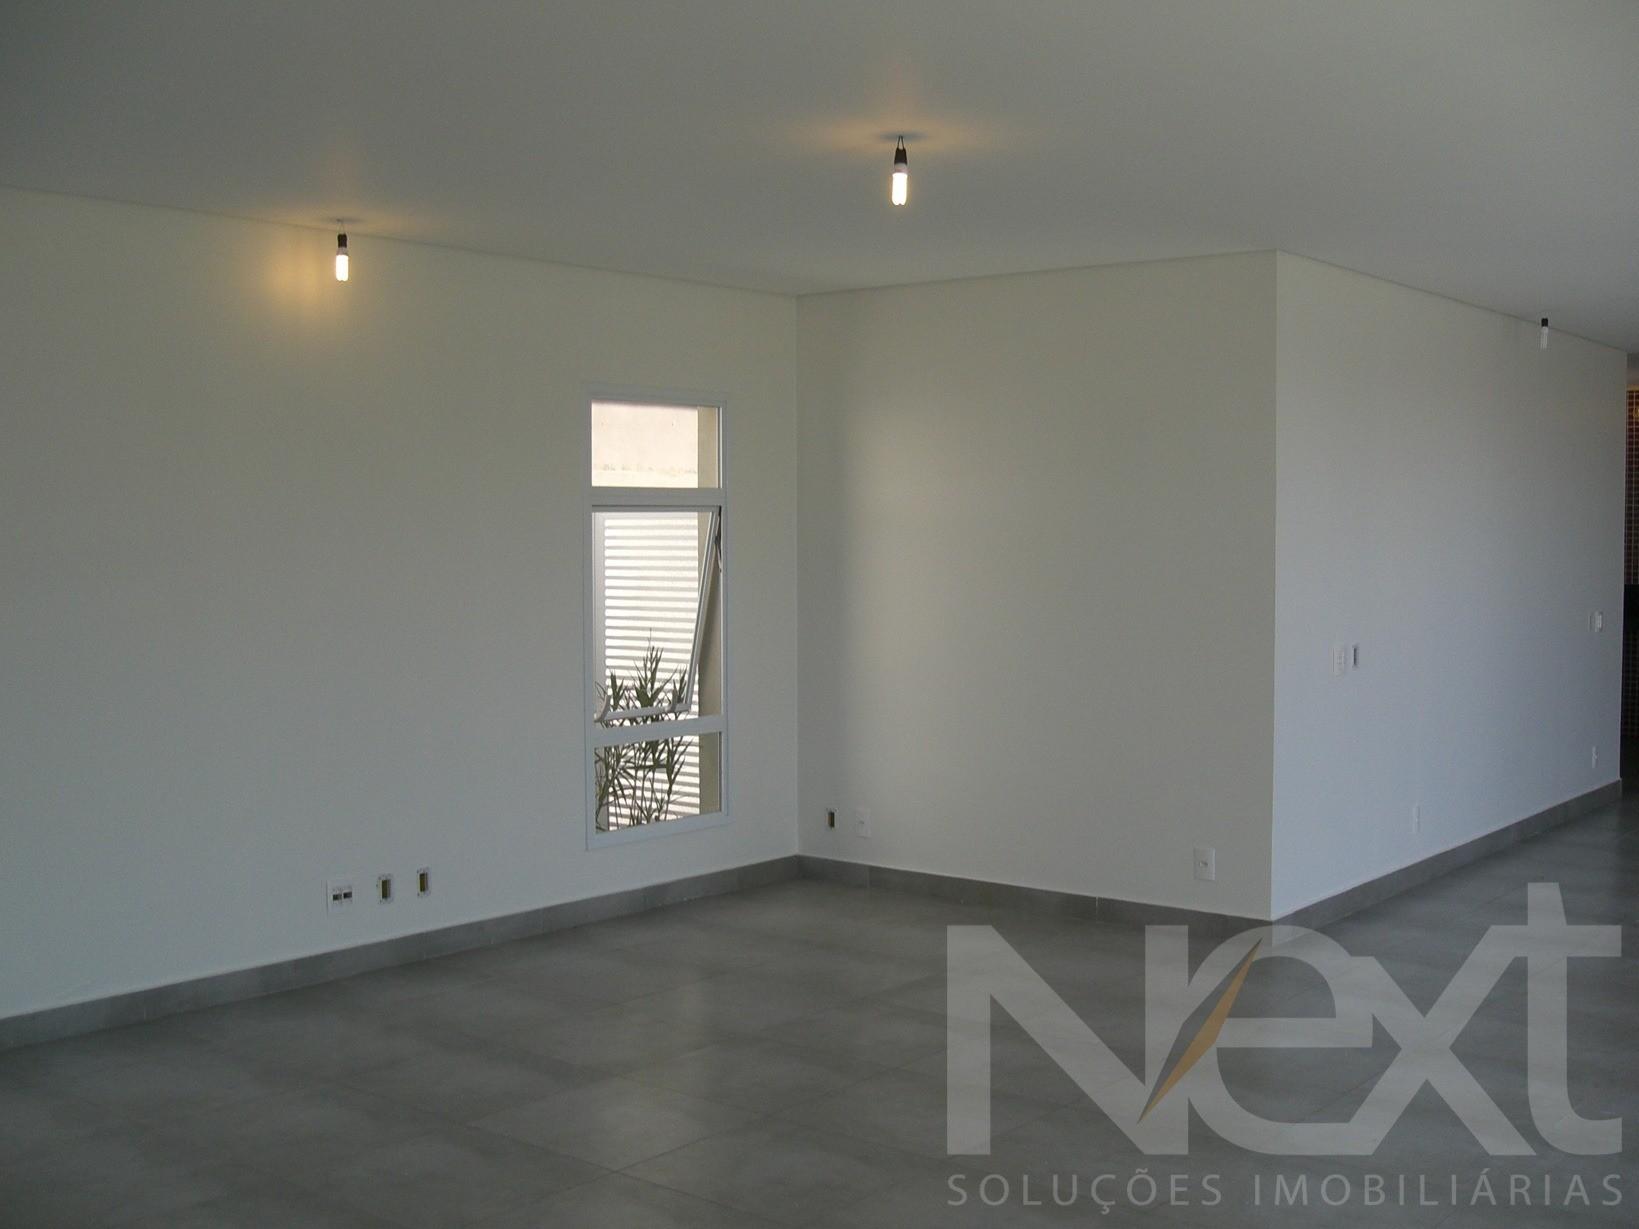 Condomínio de 3 dormitórios à venda em Bairro Alphaville, Campinas - SP